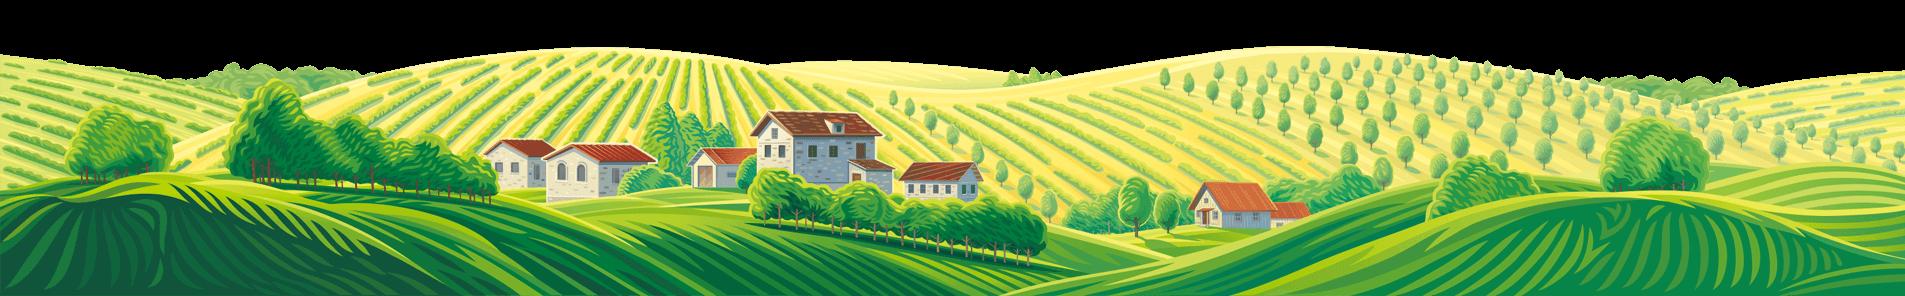 ワイン畑の絵